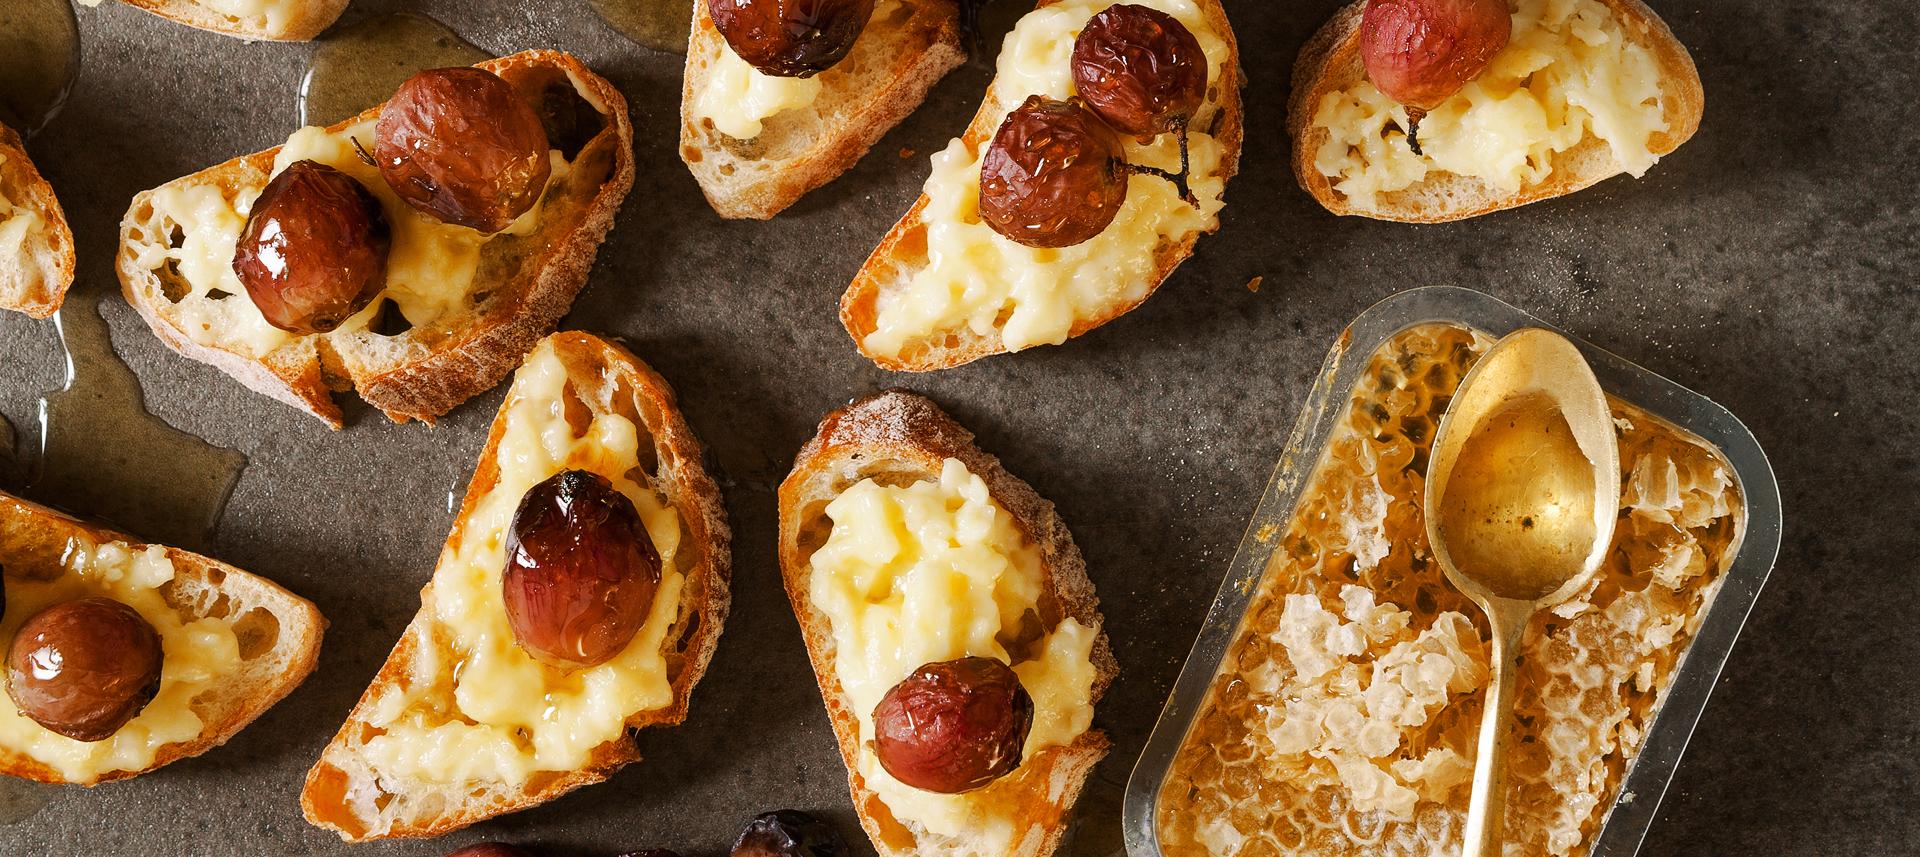 Bruskete s camembertom, bobama grožđa i medom.jpg